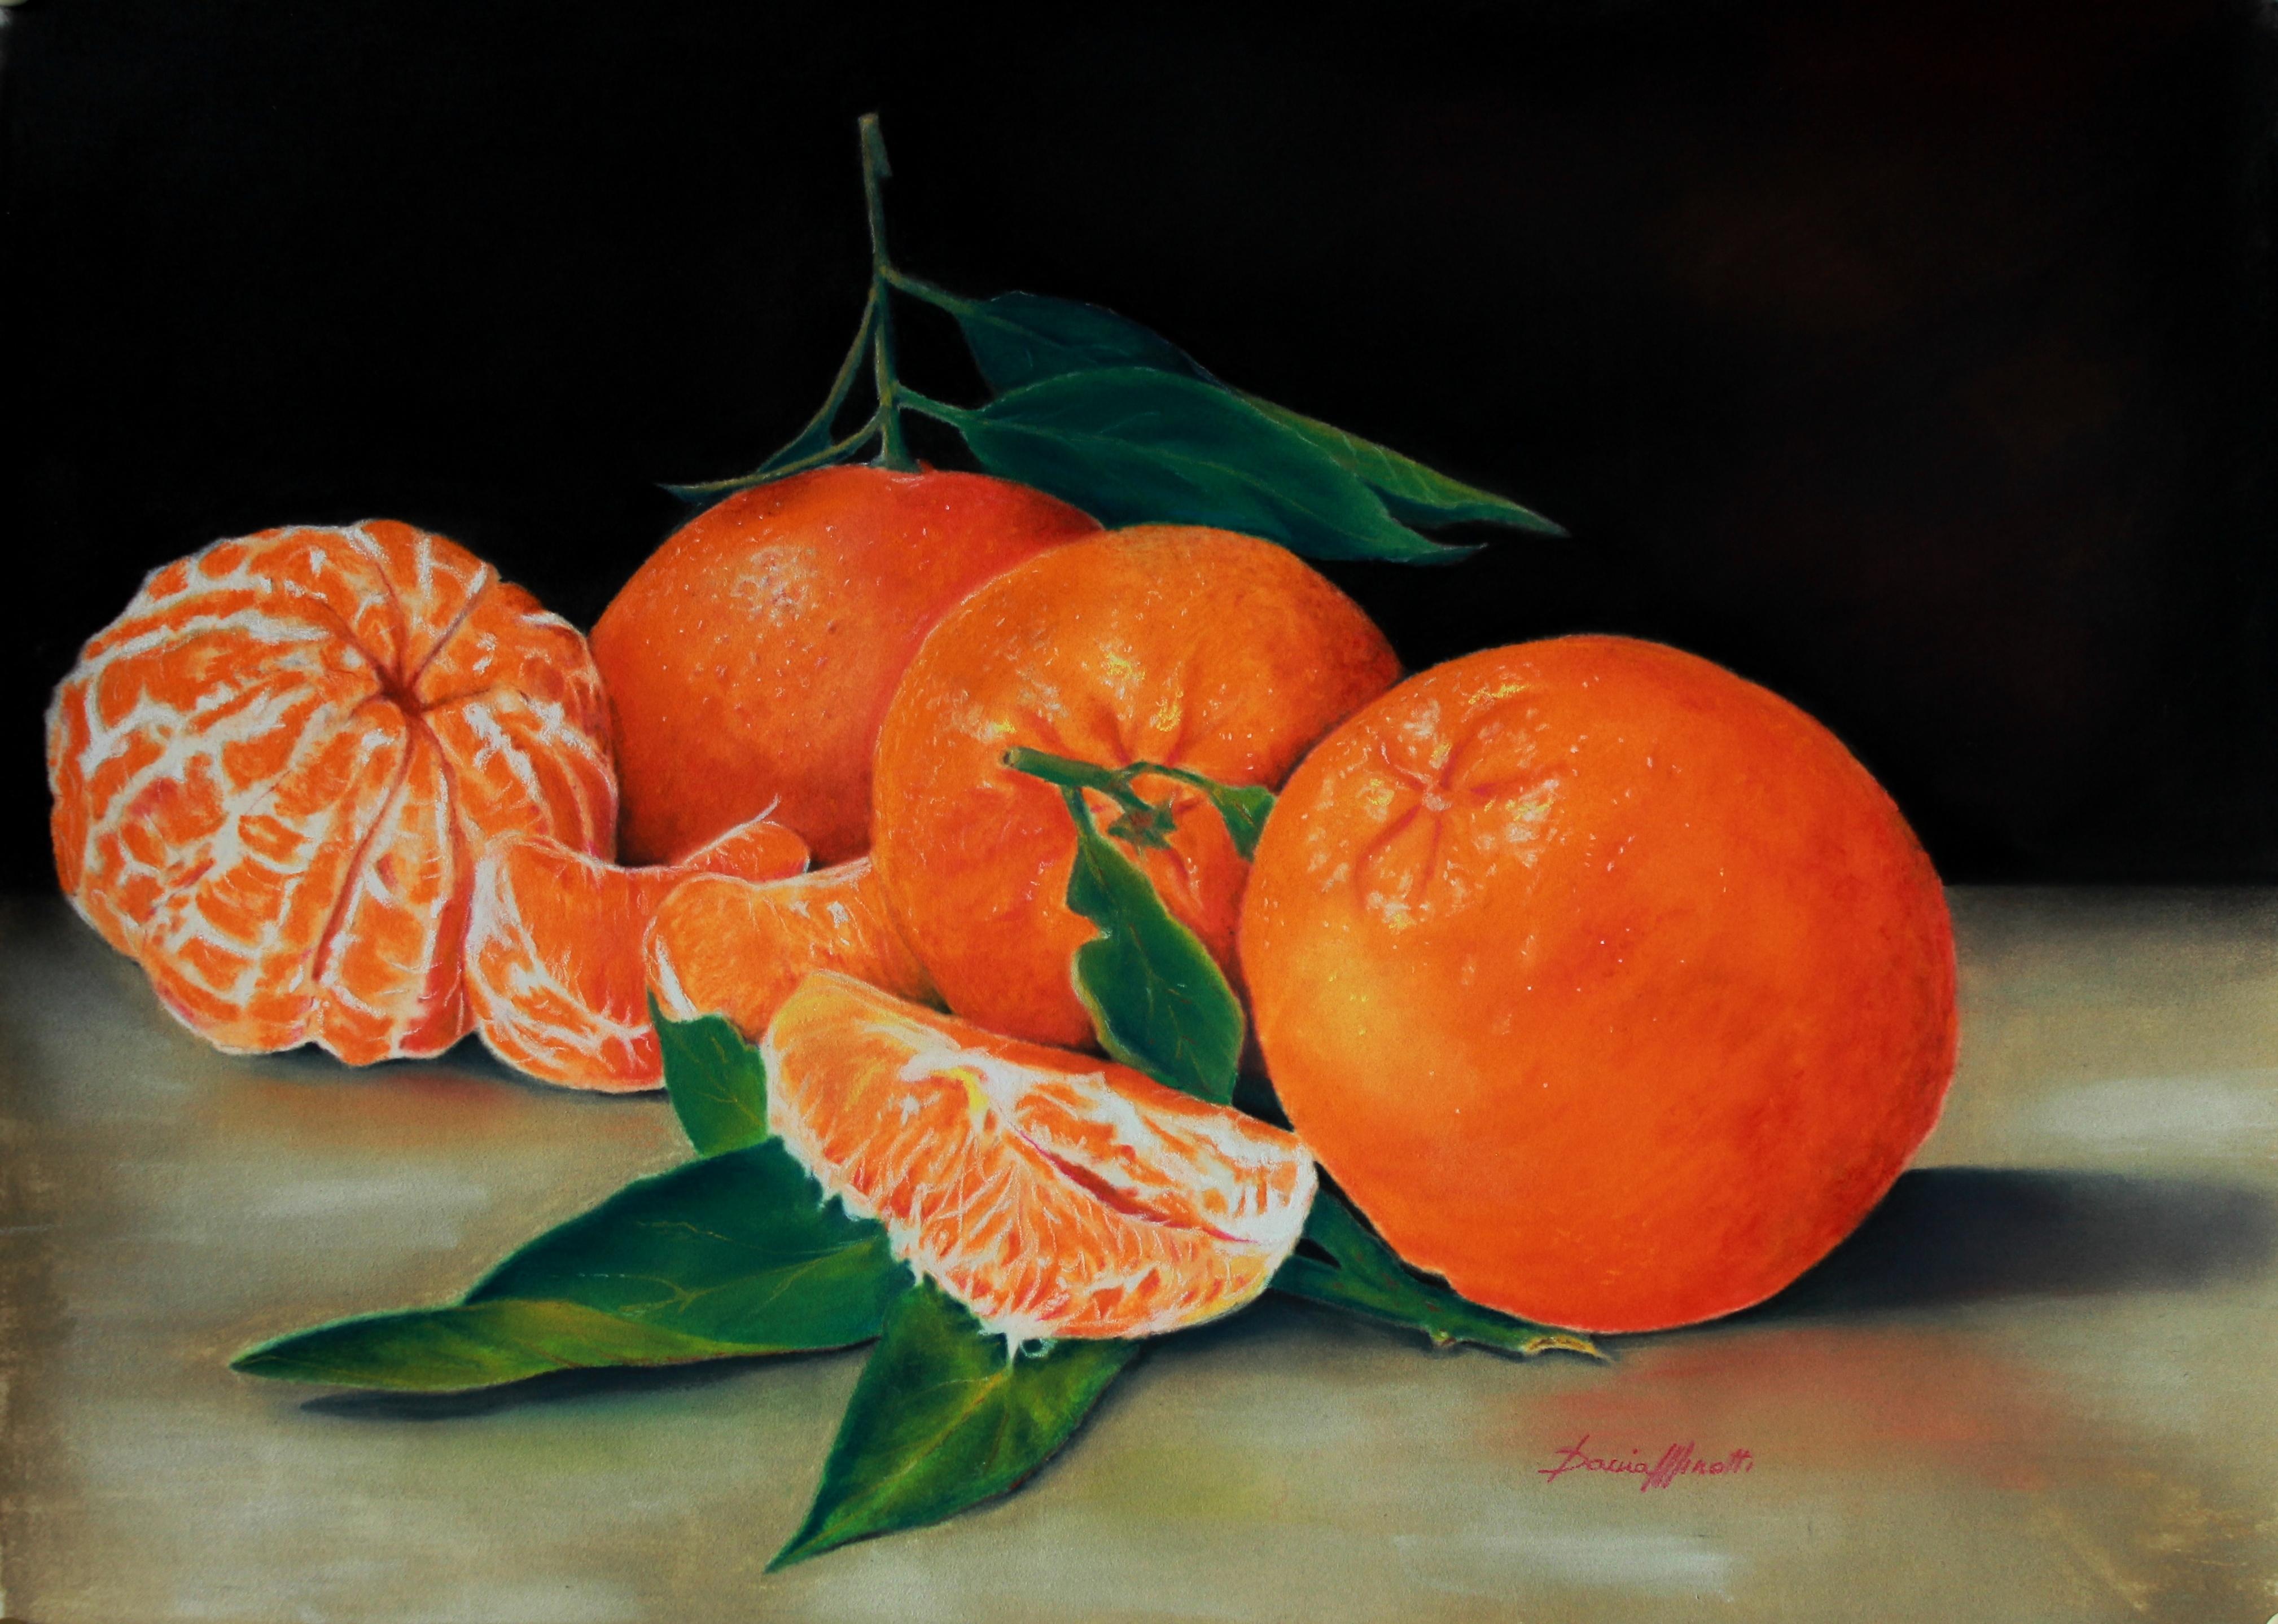 Profumo di agrumi - Citrus scent